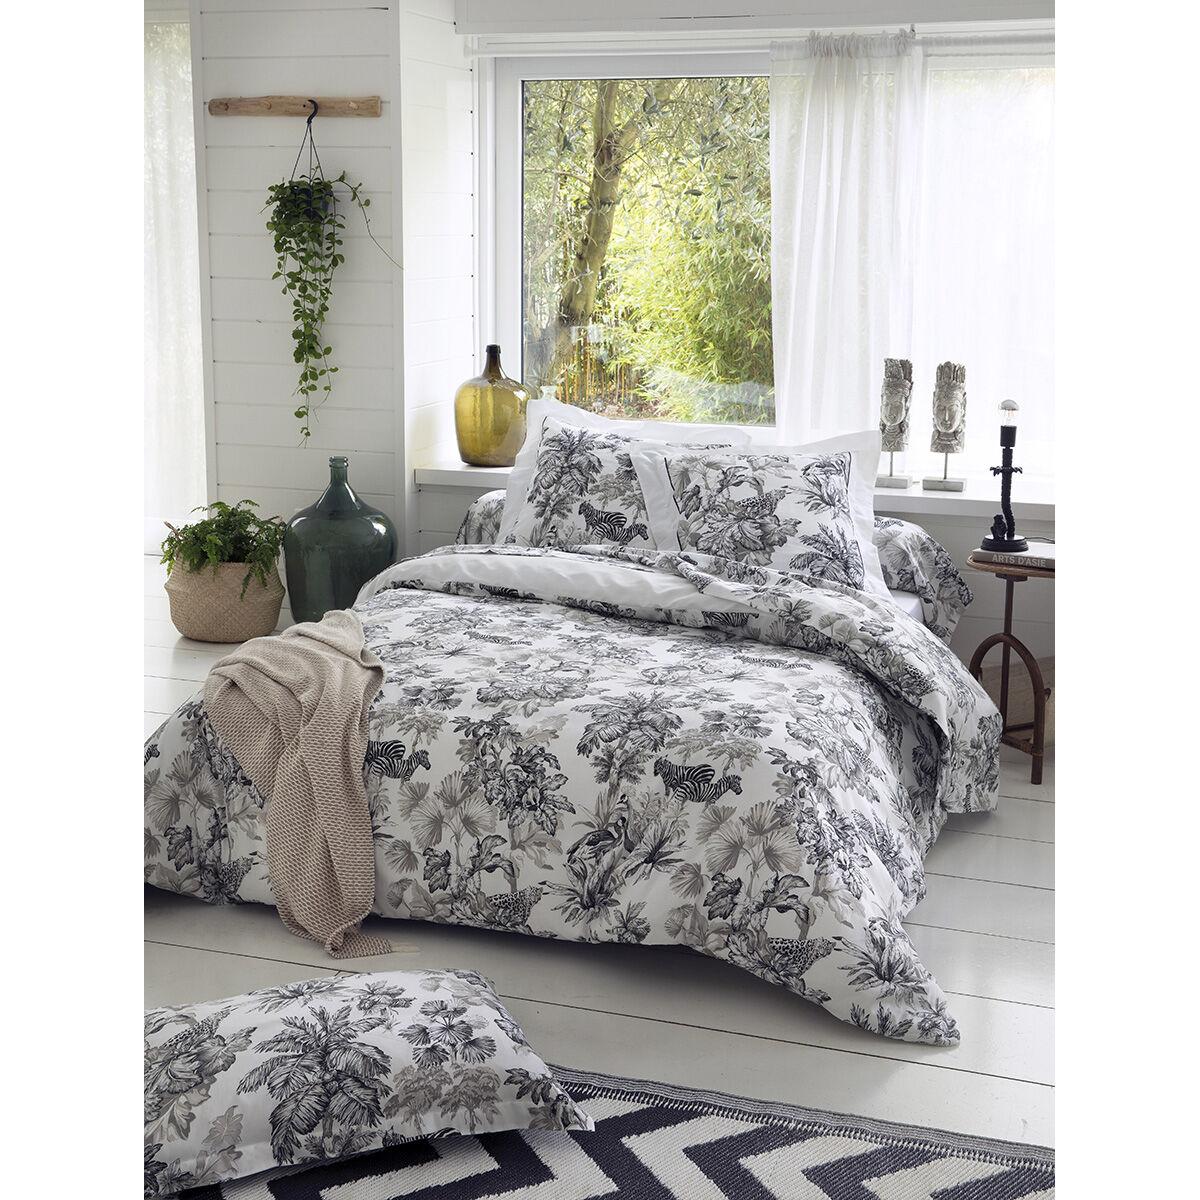 Home Maison Housse de couette esprit savane coton blanc 200x140